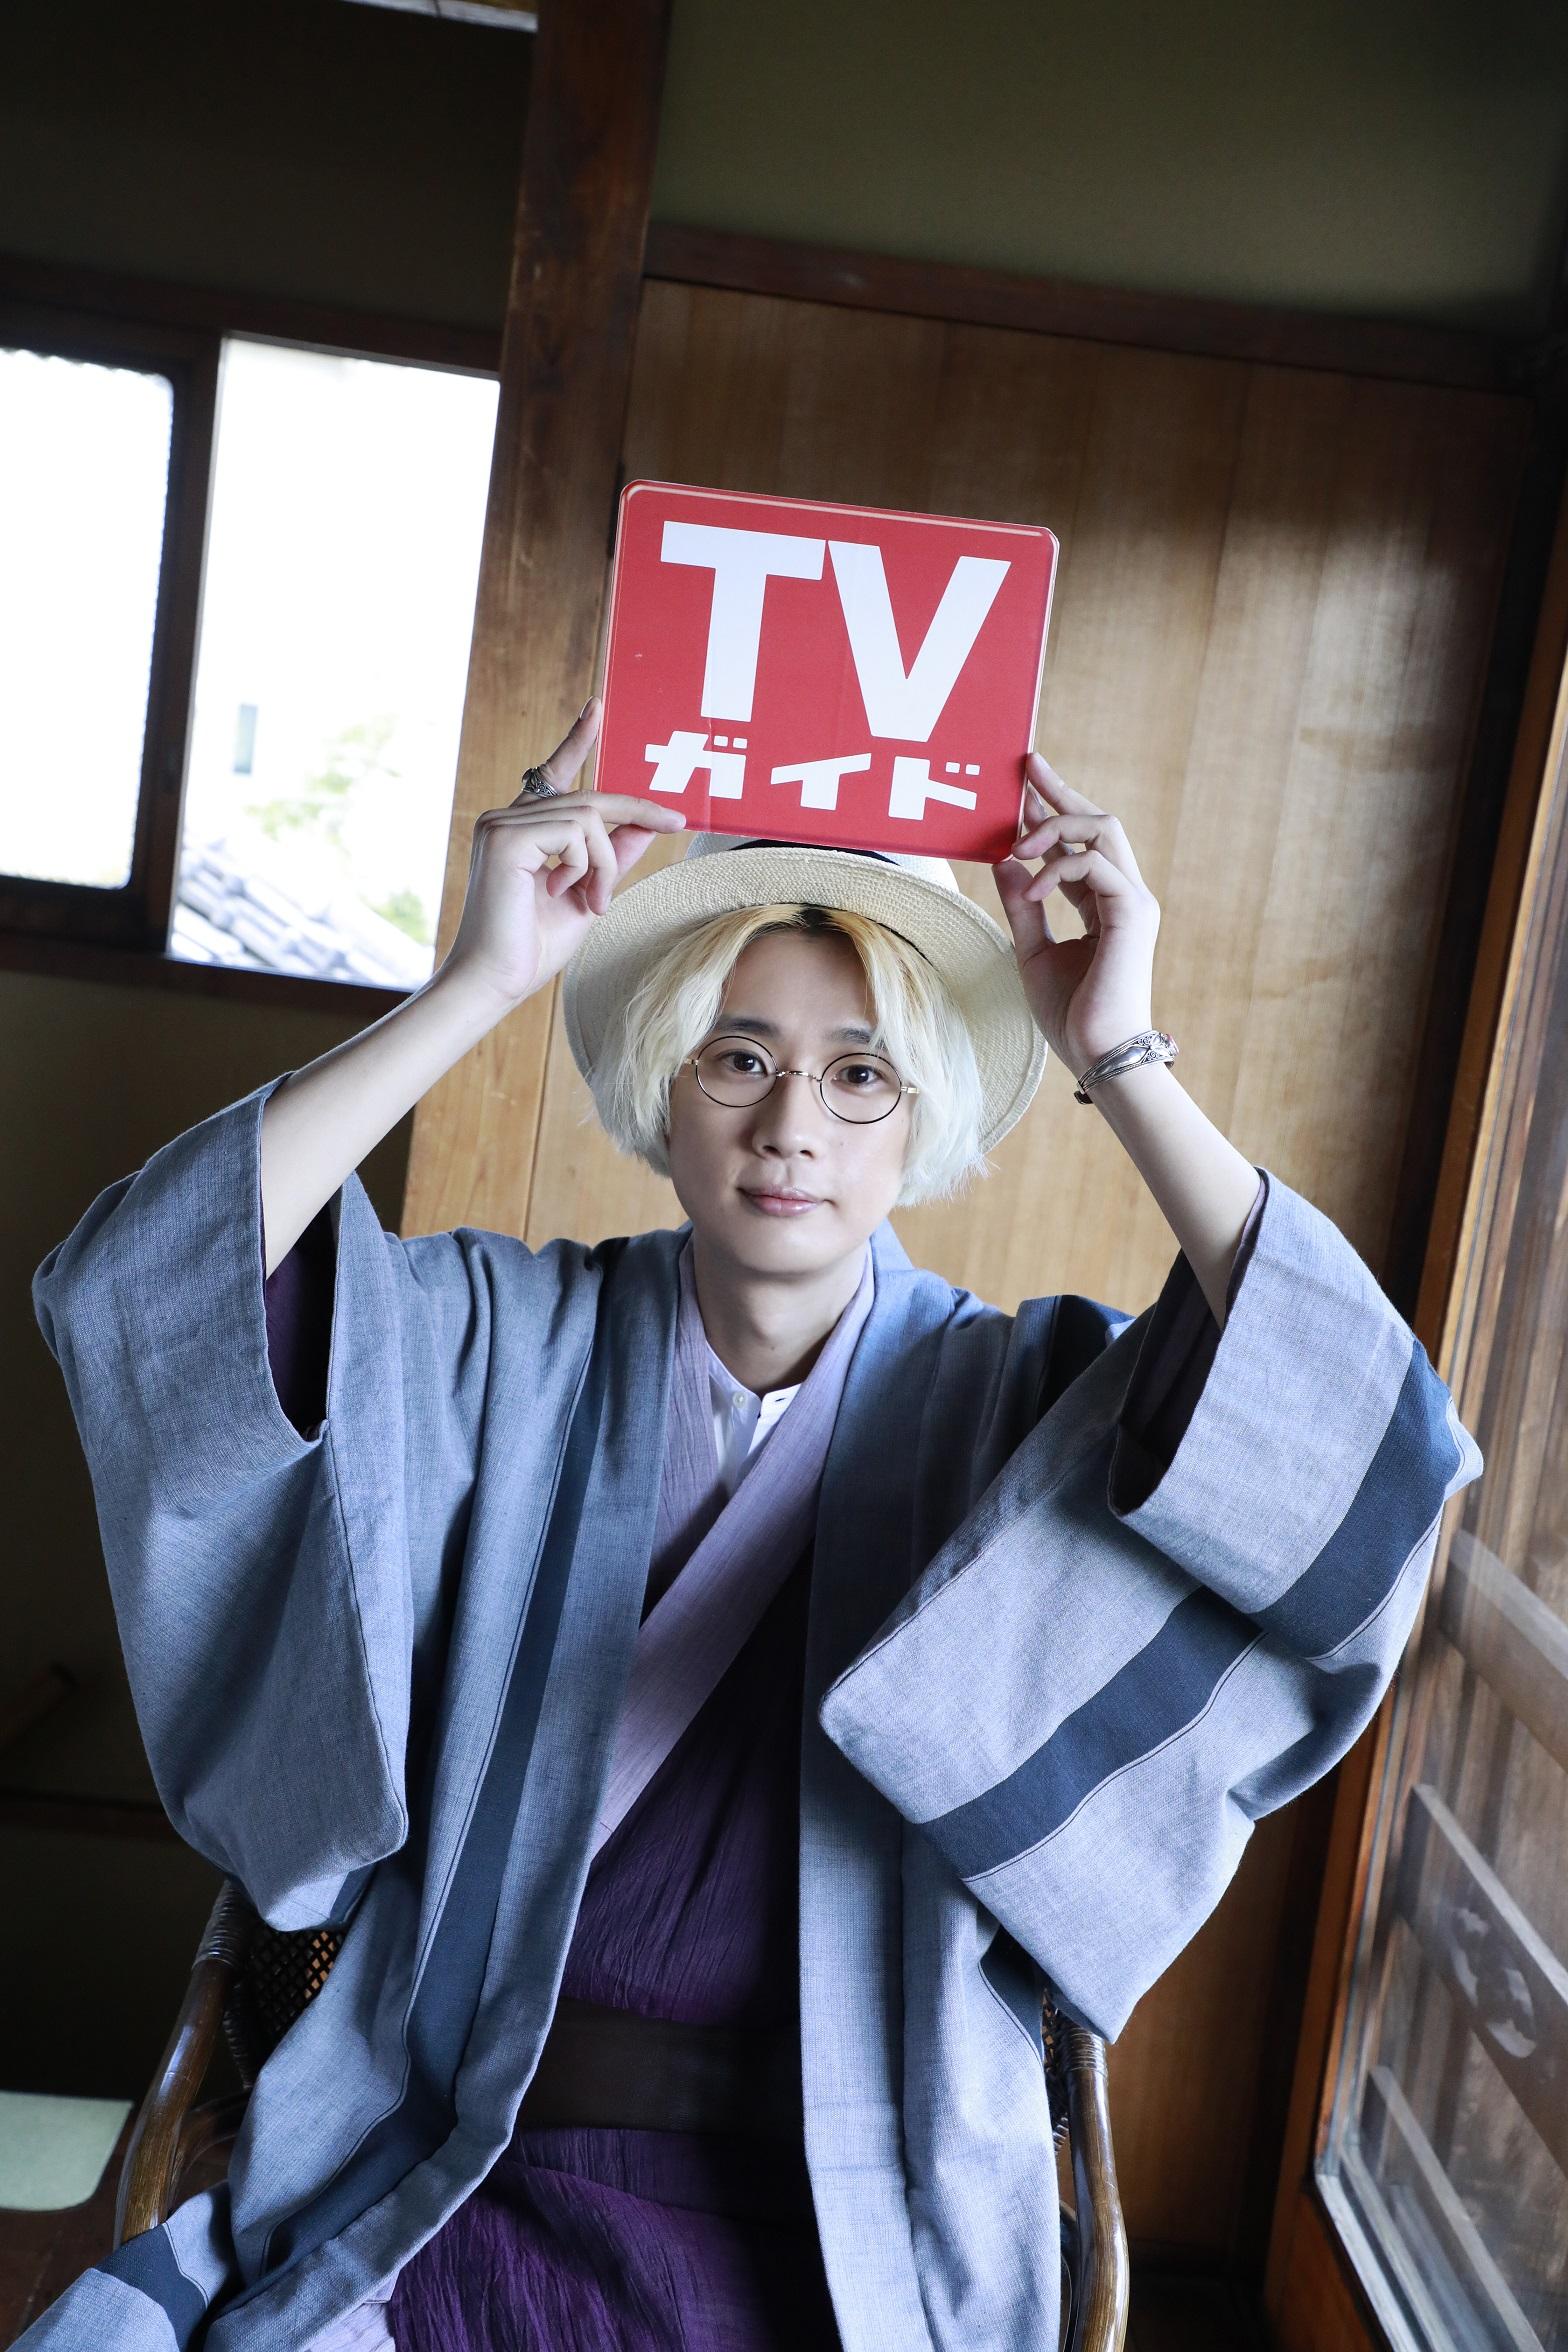 「TVガイド」江口拓也さんの新グラビアは浴衣!「不思議な写真になっていると思う」